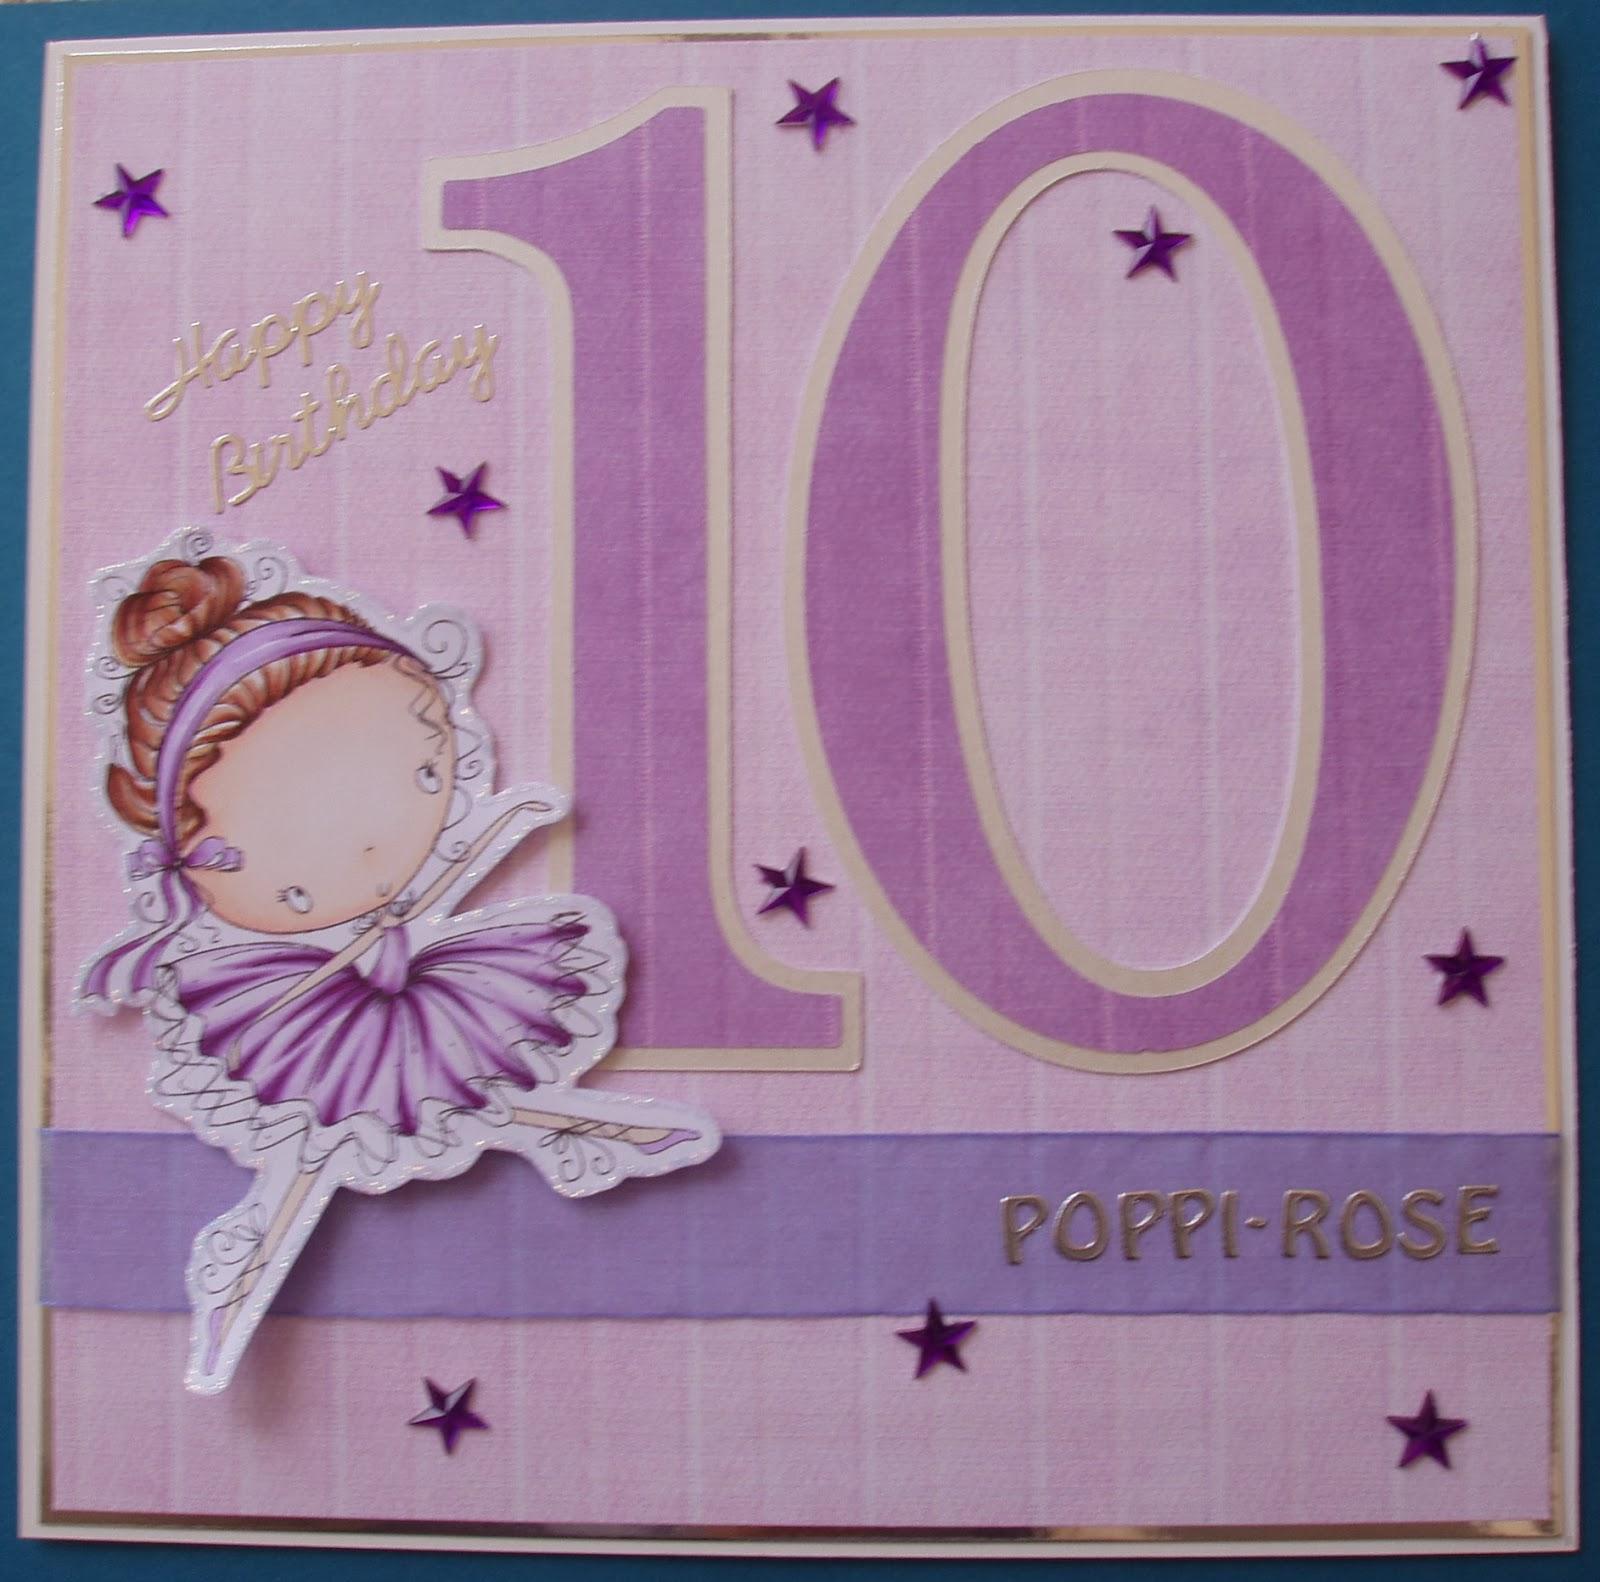 http://flossbites-cardmaking.blogspot.com/2013/10/dancing-queen.html